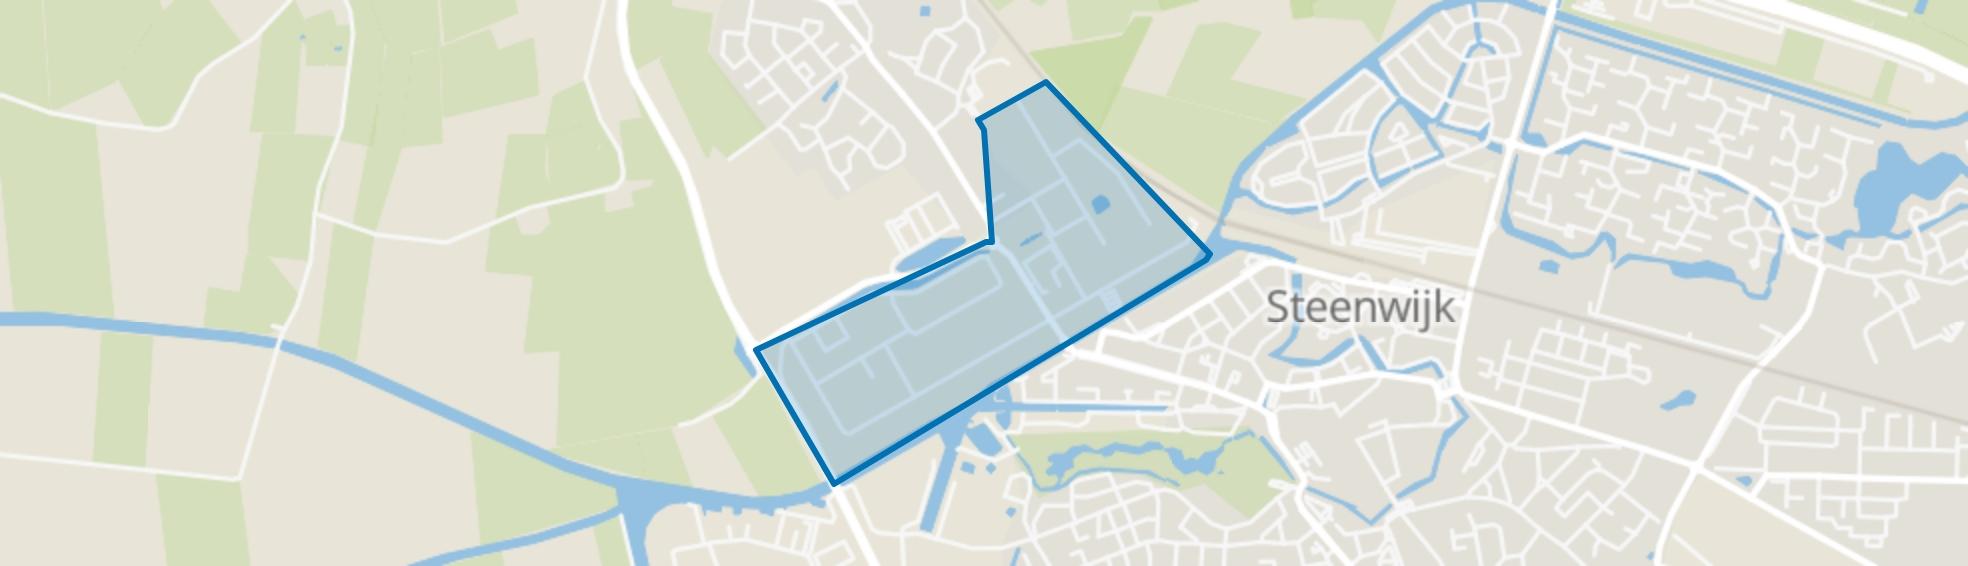 Dolderkanaal, Steenwijk map